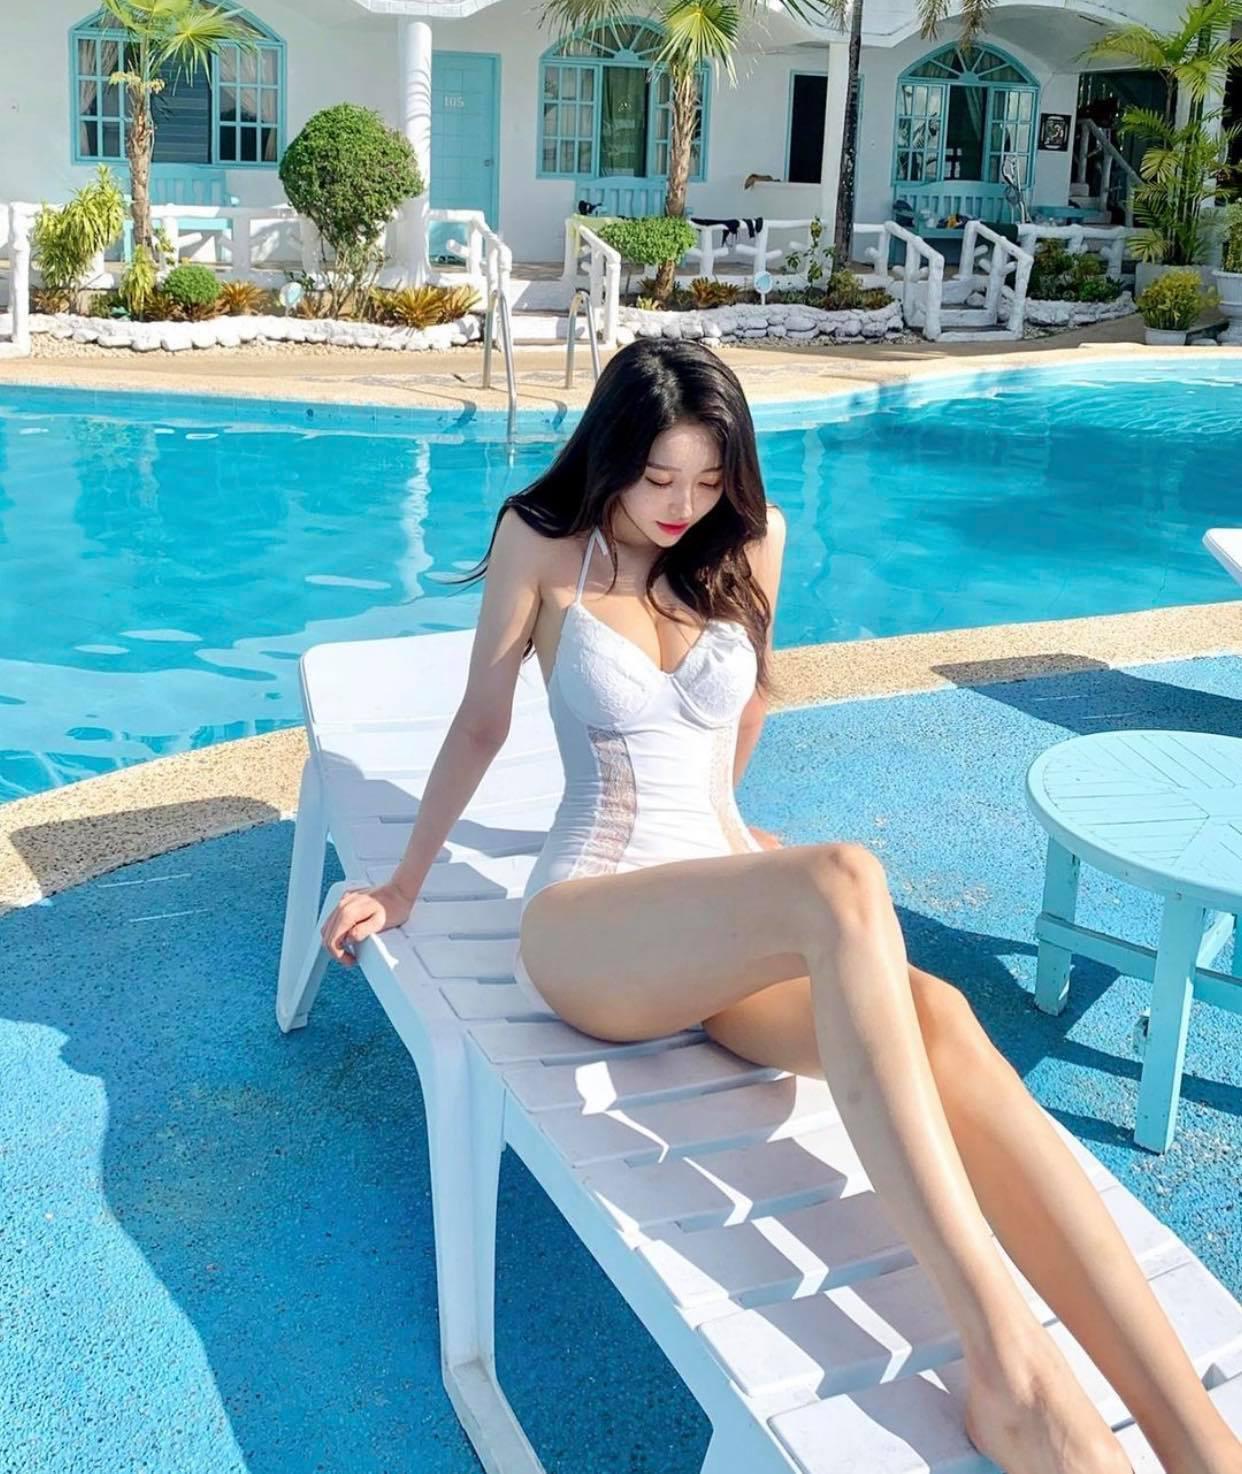 Nữ sinh Hàn Quốc có đôi chân dài vô tận, vòng hông điểm 10, mặc bikini đẹp như giấc mơ - 5